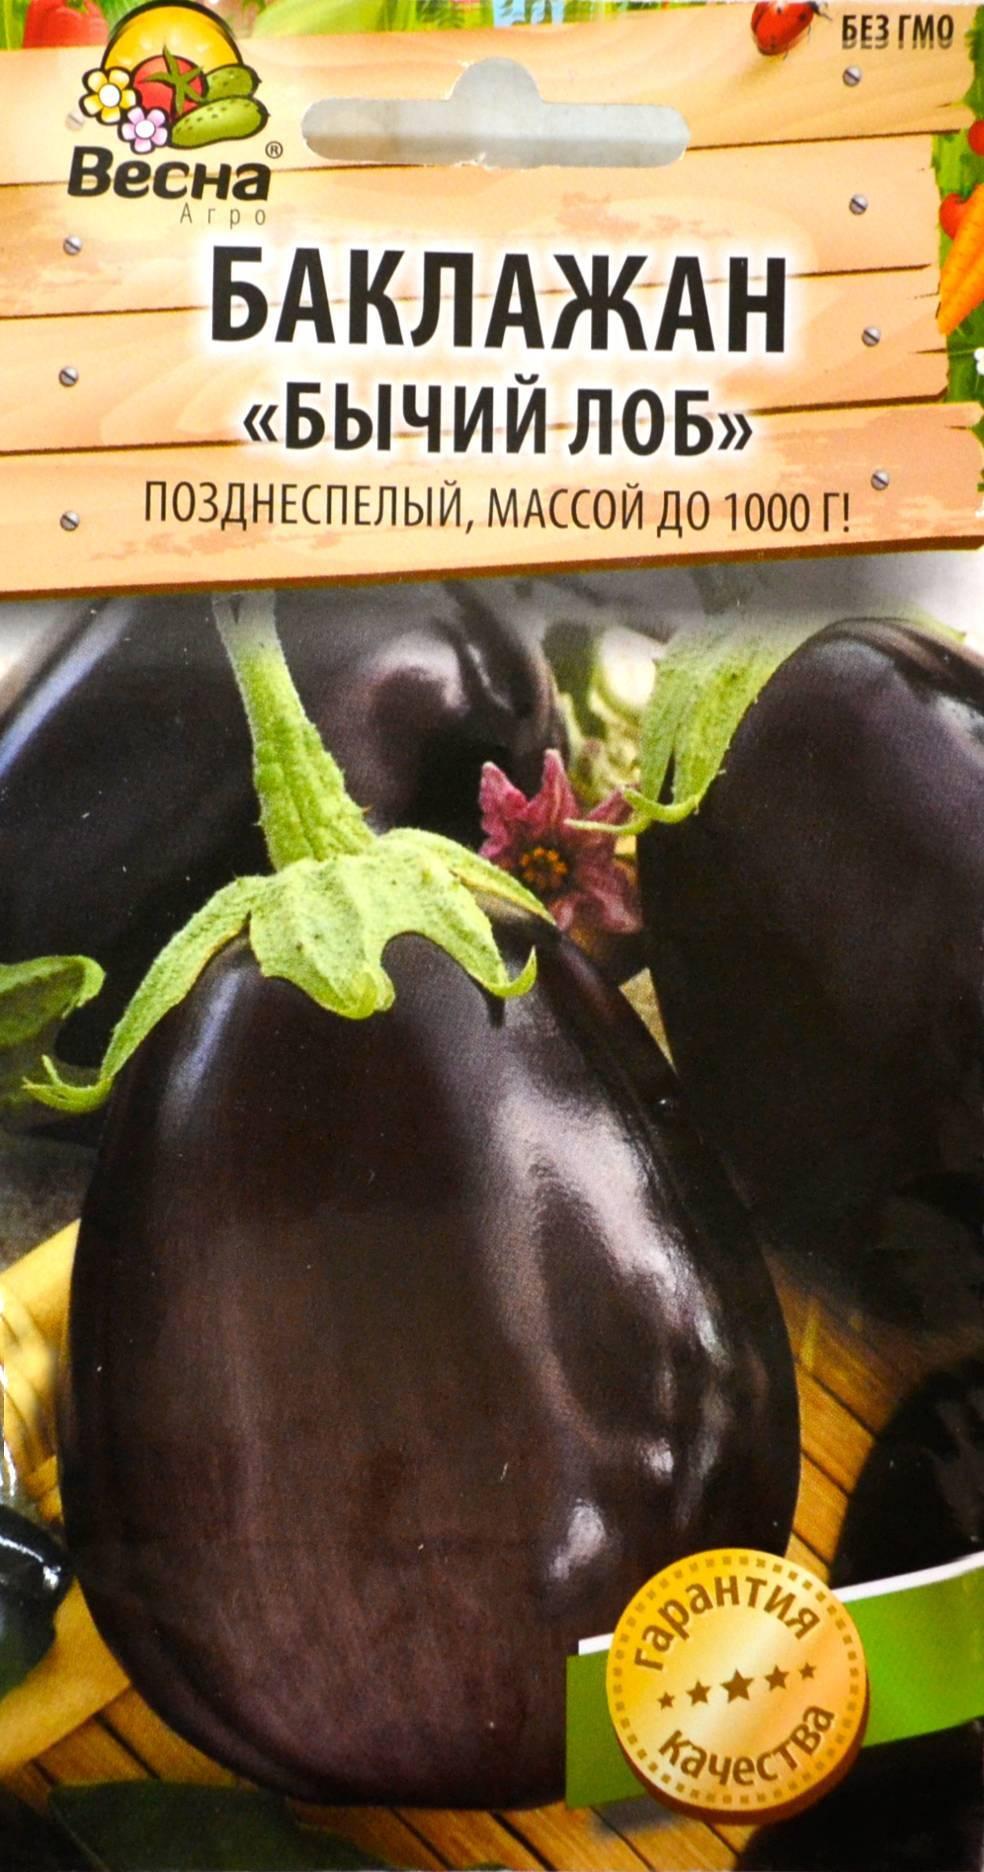 Баклажан бычий лоб — отзывы, урожайность, характеристика и описание сорта